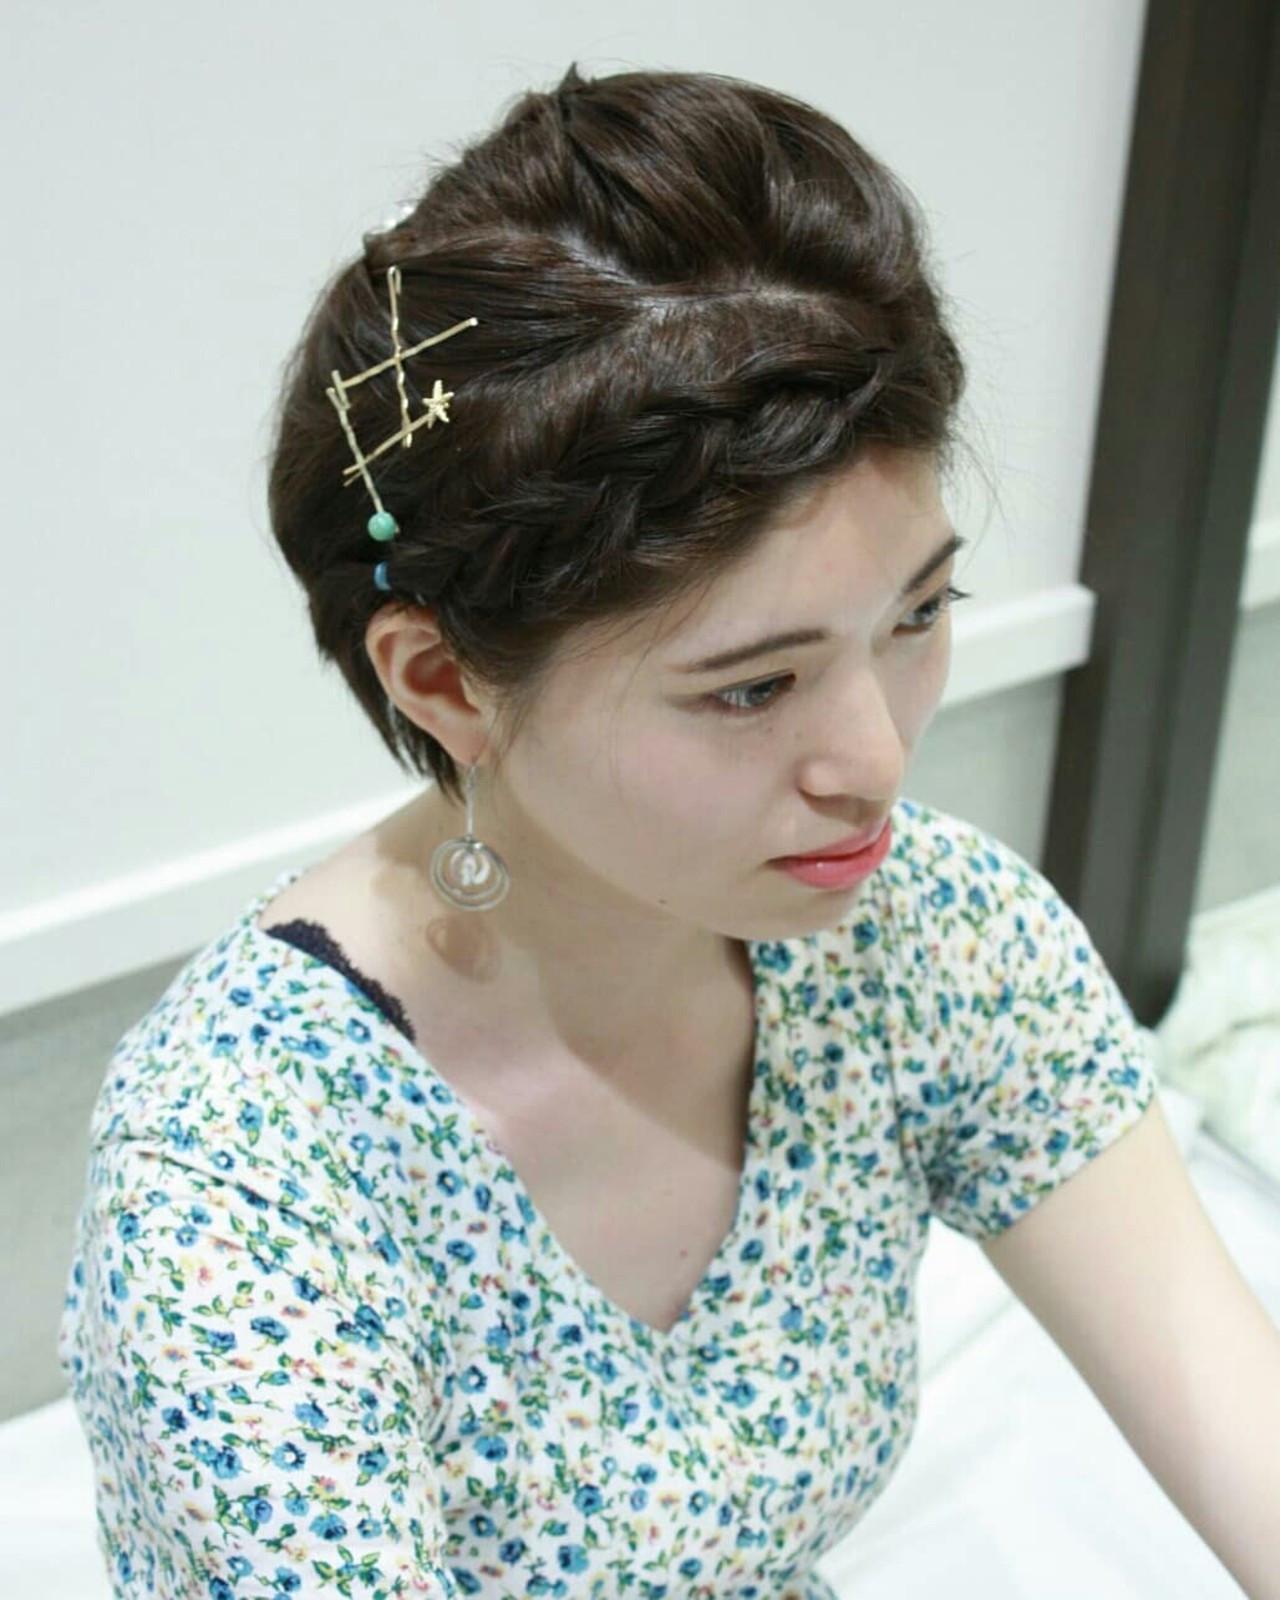 編み込みでつくるショートのおしゃれな簡単アレンジ Naoki Ozawa  春日部美容室 Luce